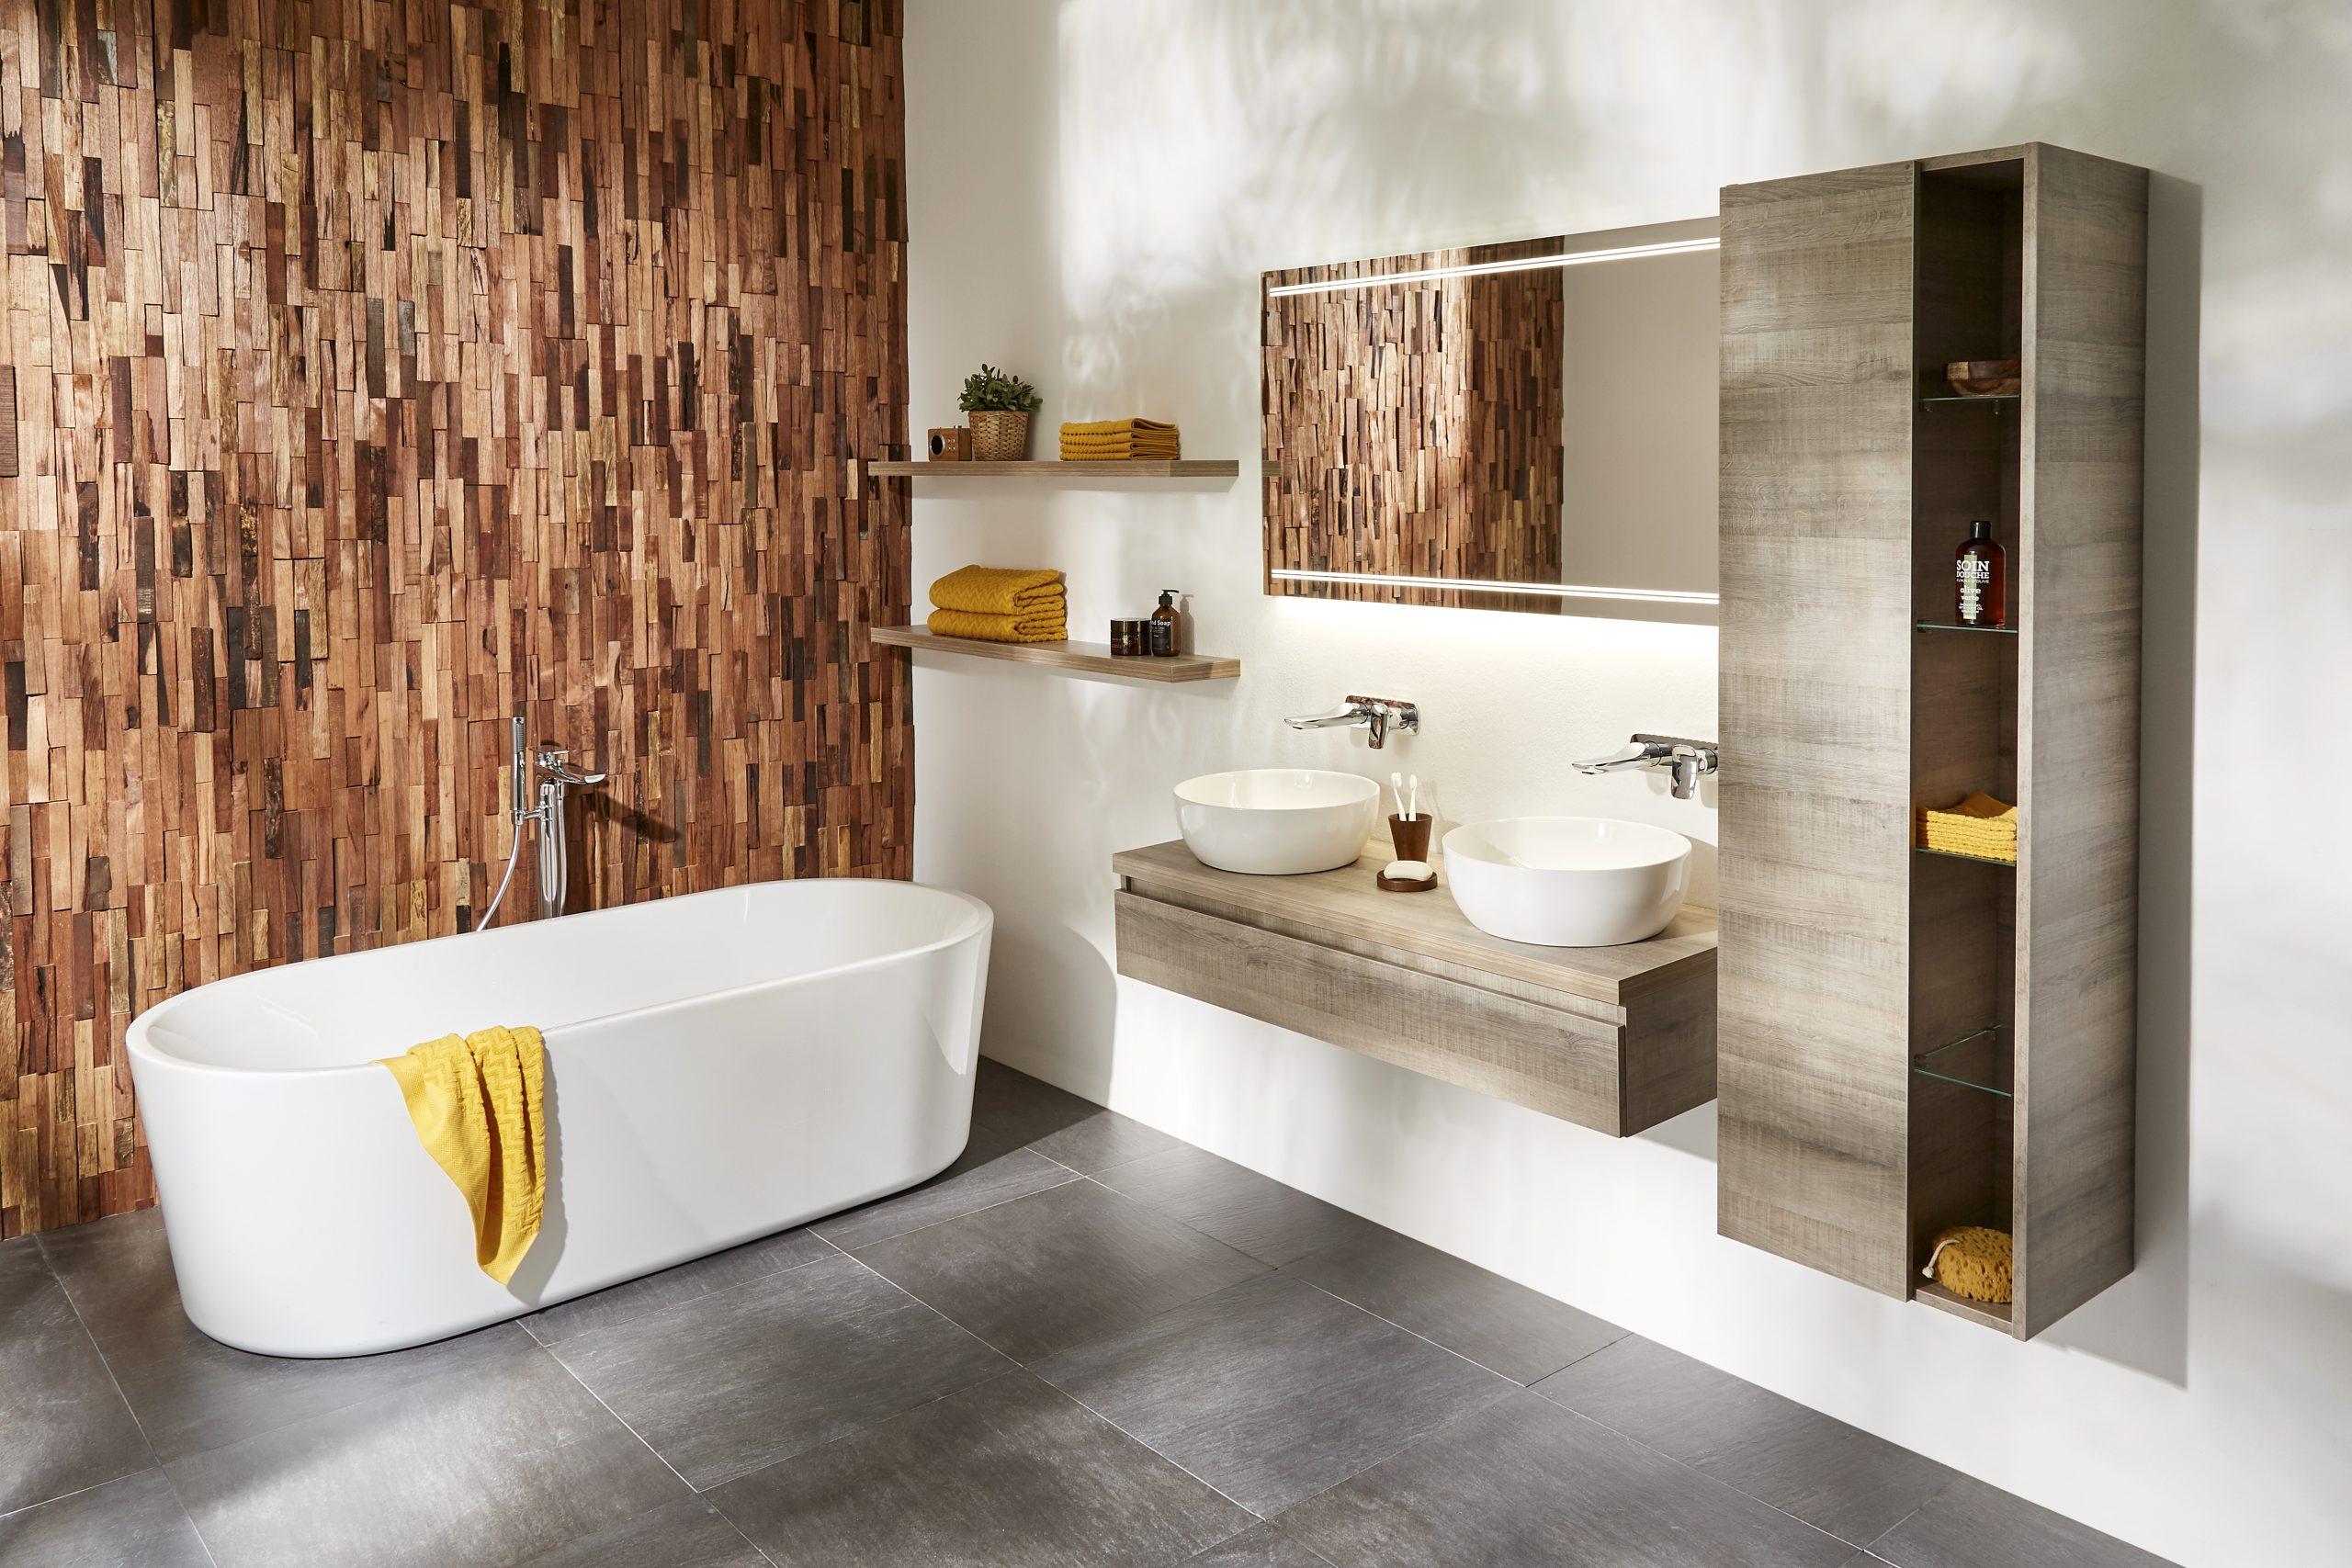 Mijn-bad-in-stijl-terracotta-badkamer